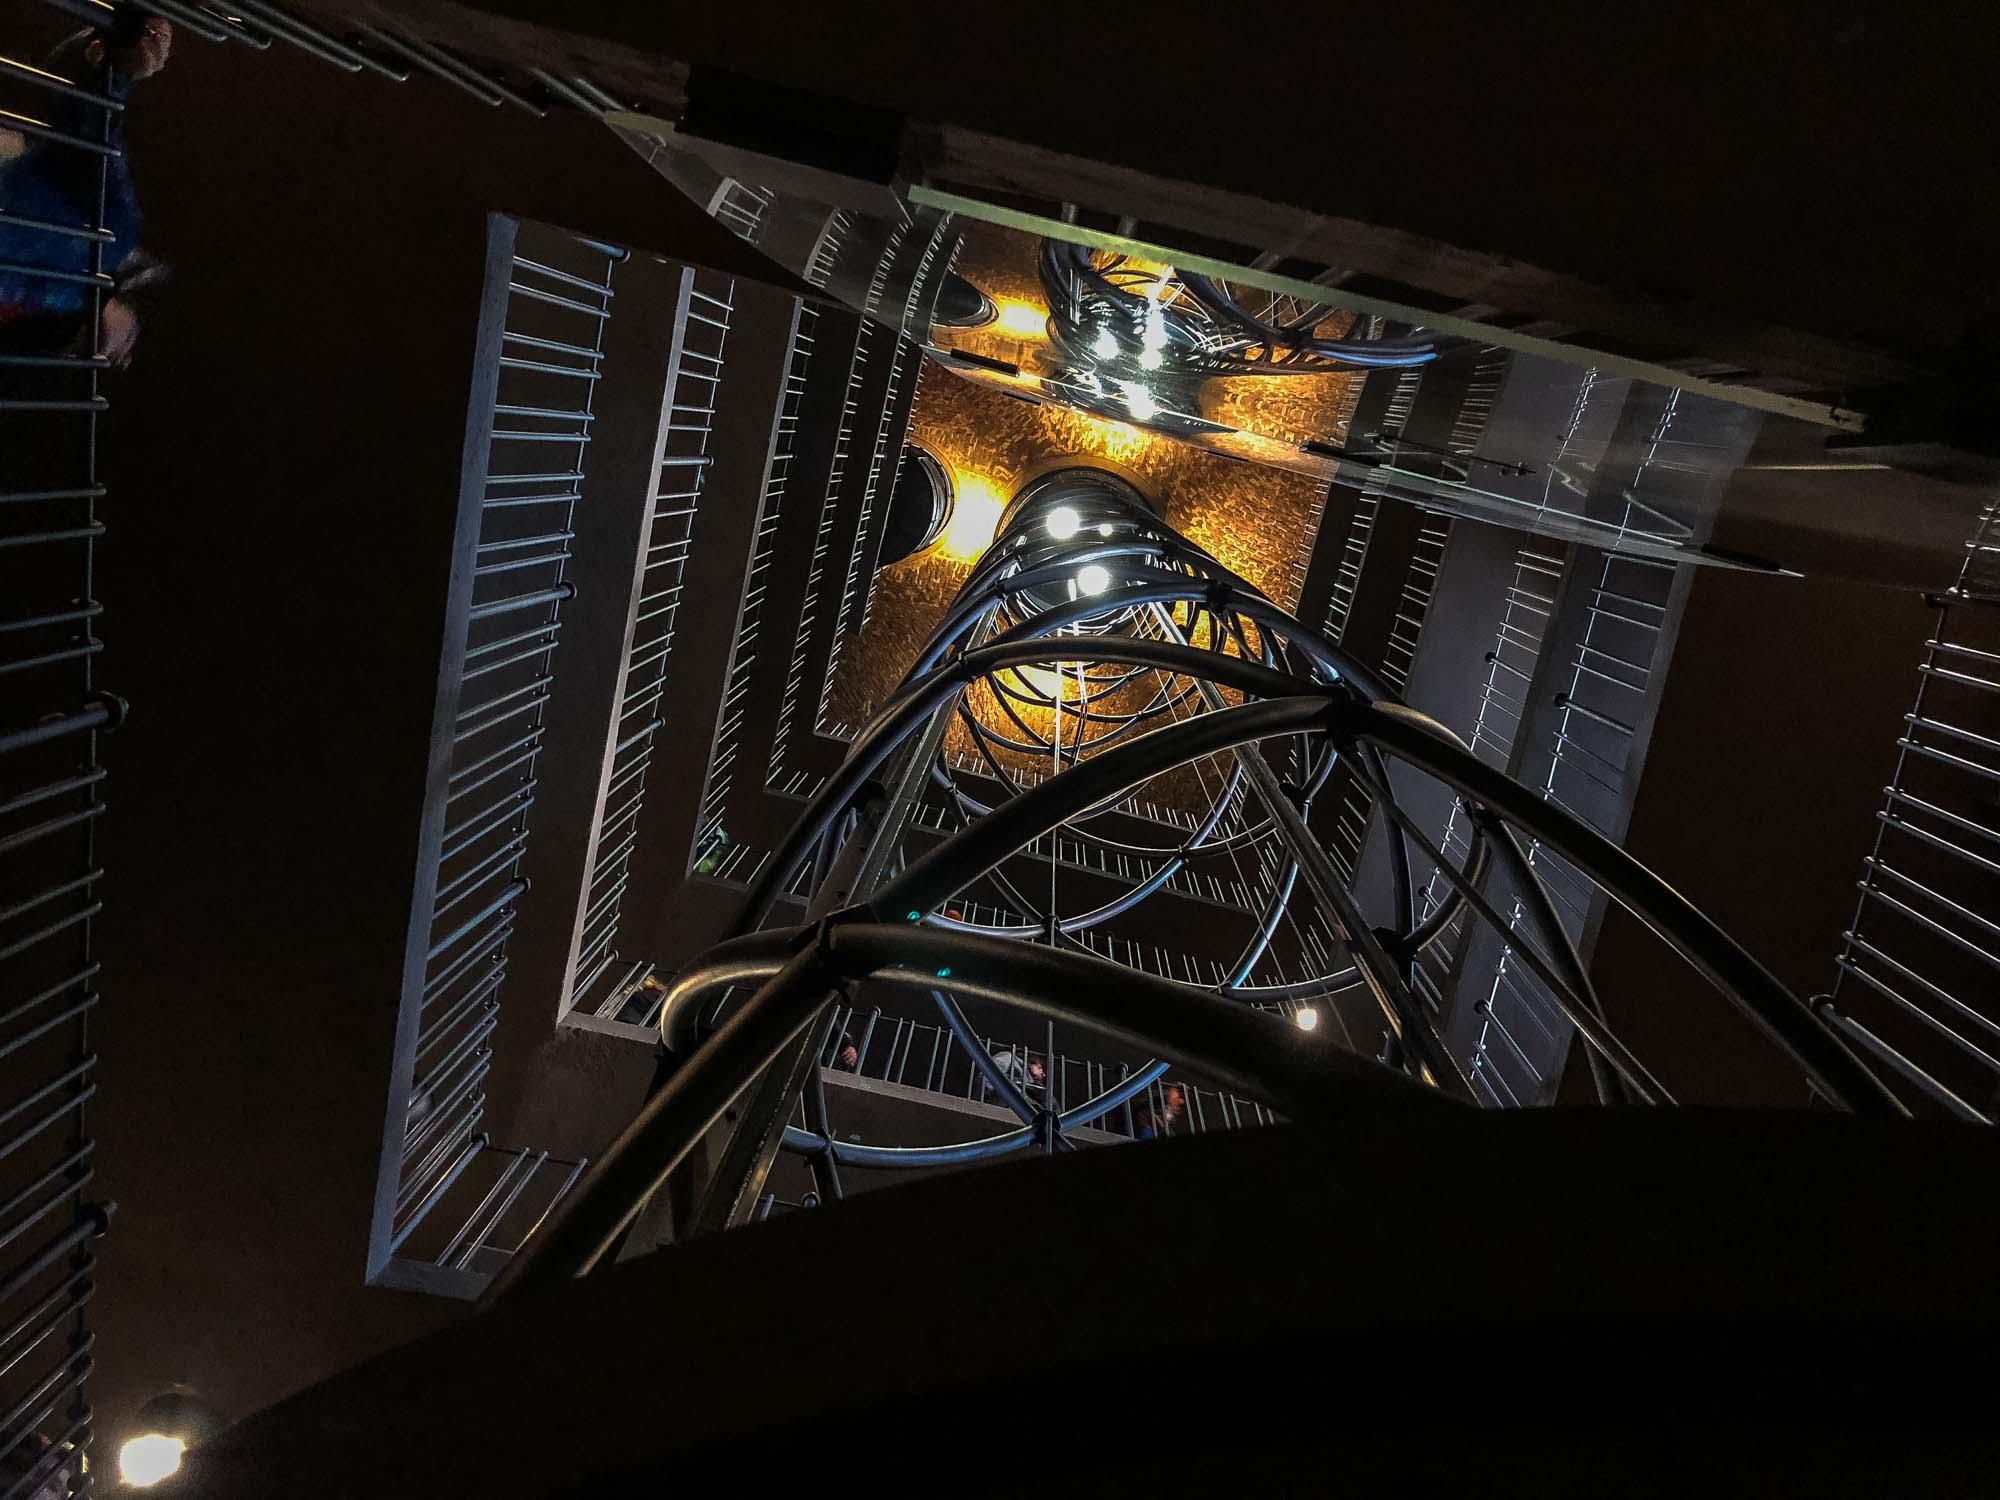 L'ascenseur et les escaliers pour monter au sommet de la tour de l'hôtel de ville de Prague